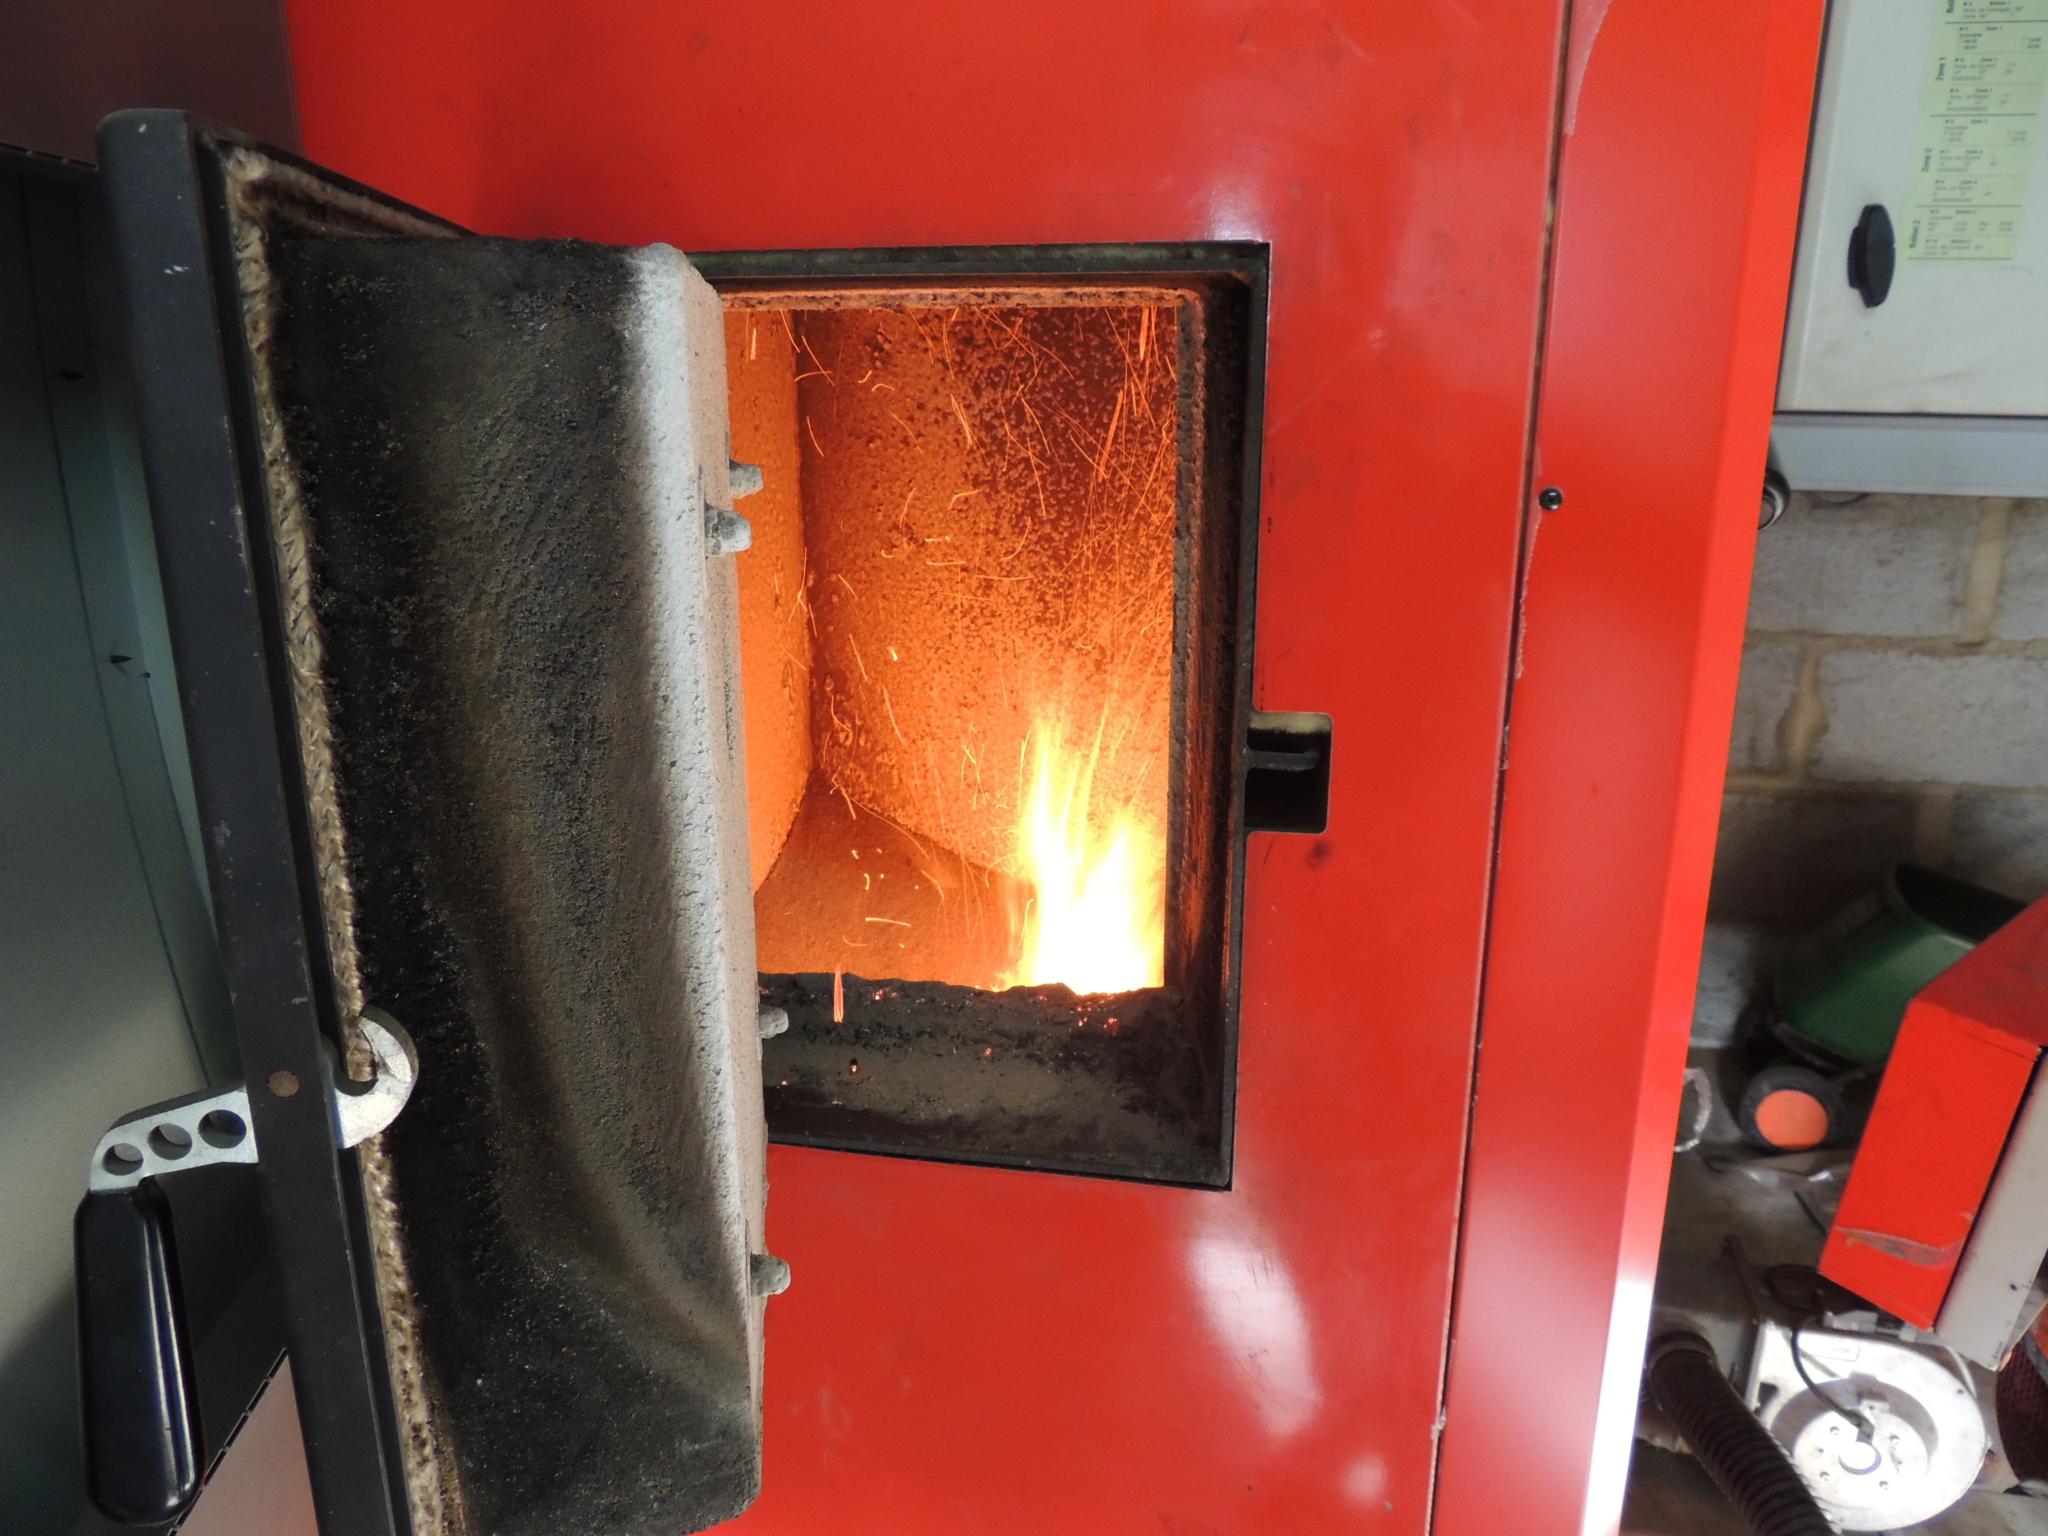 Entretien d'une chaudière bois Hargassner de 110kW